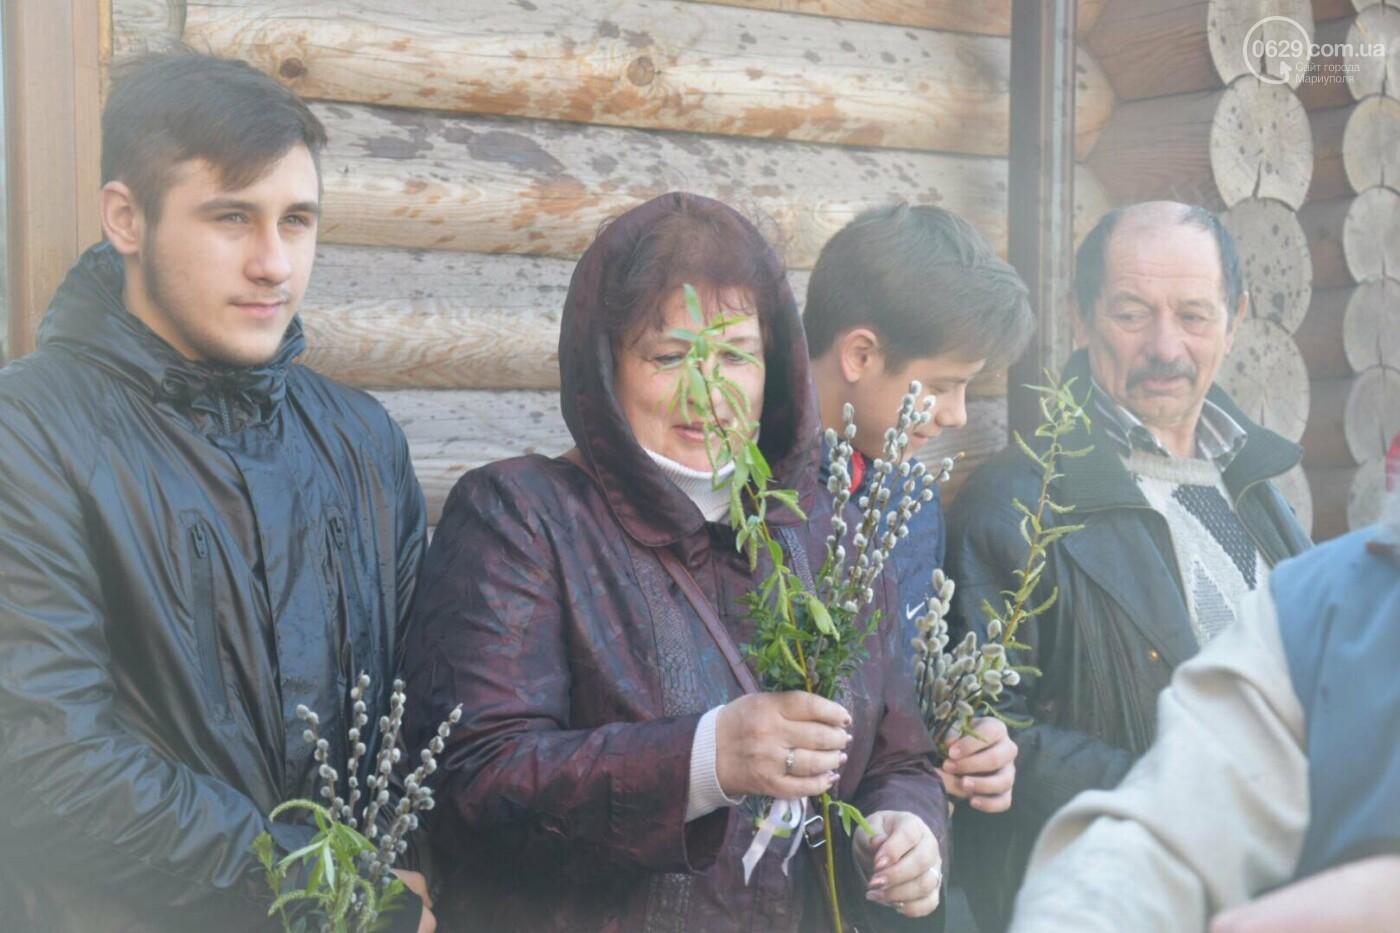 Выборы и верба: как Мариуполь празднует православный праздник, - ФОТОРЕПОРТАЖ, фото-14